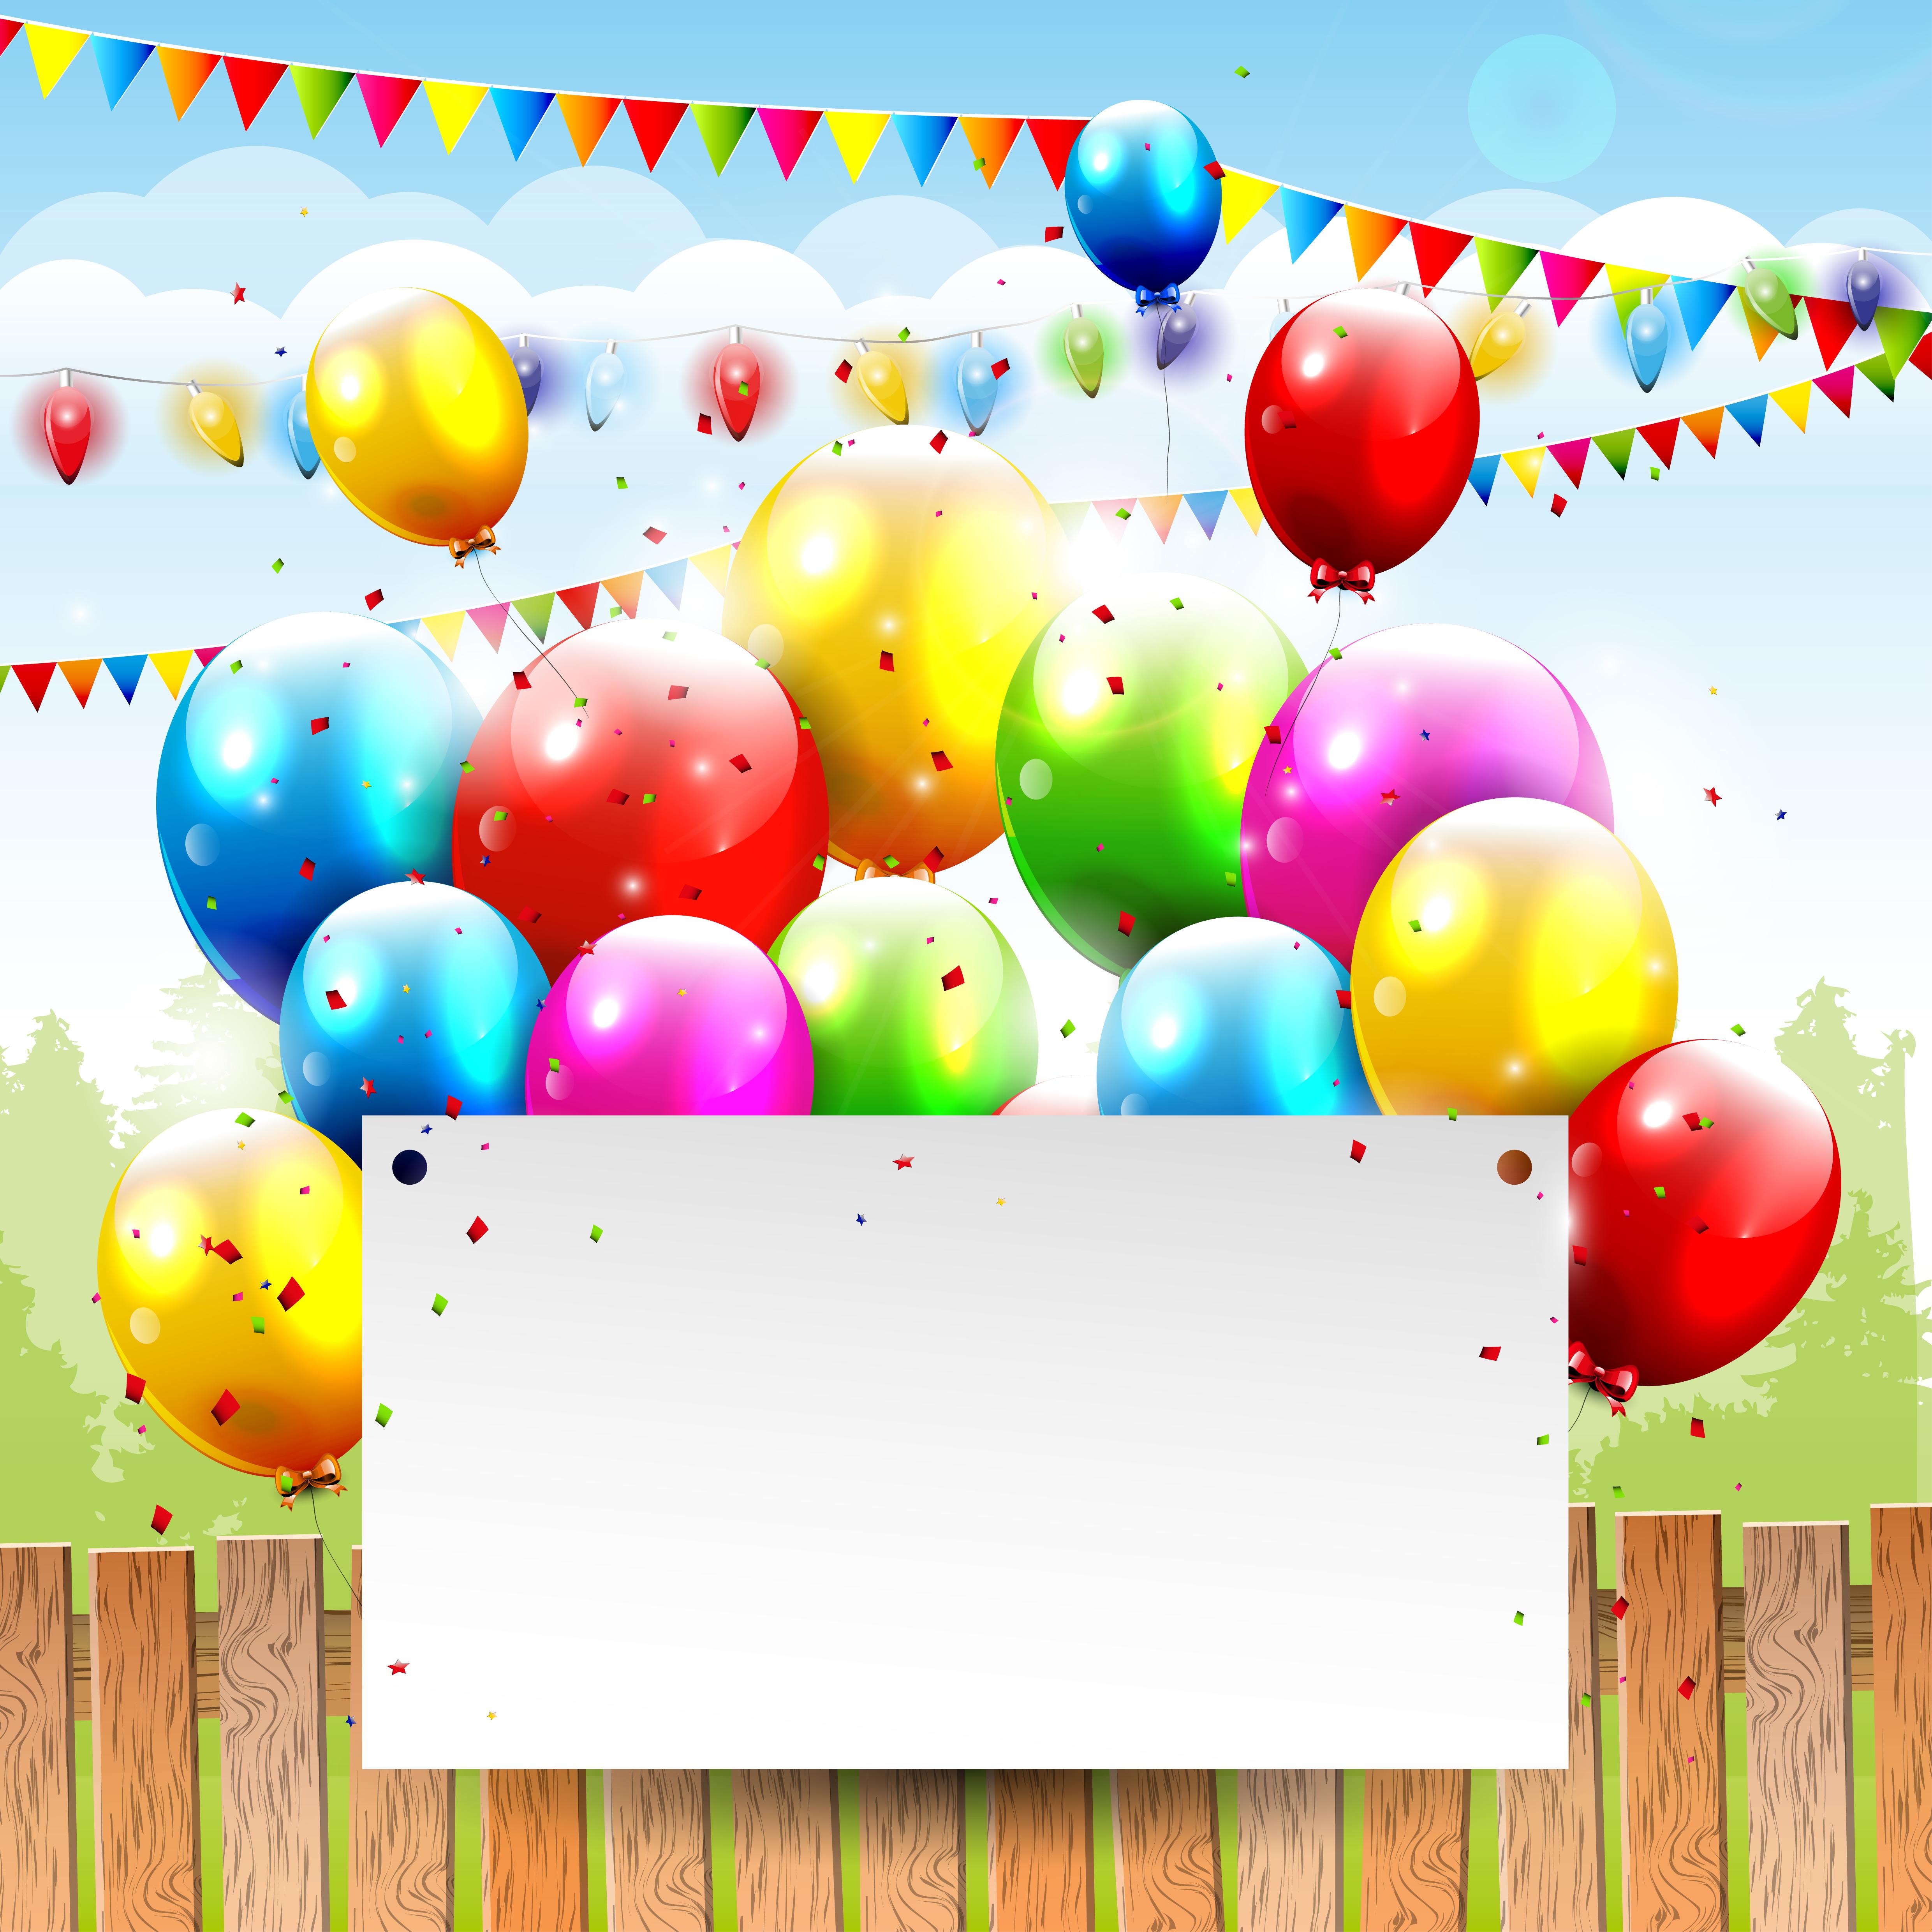 Скачать картинки шарики бесплатно